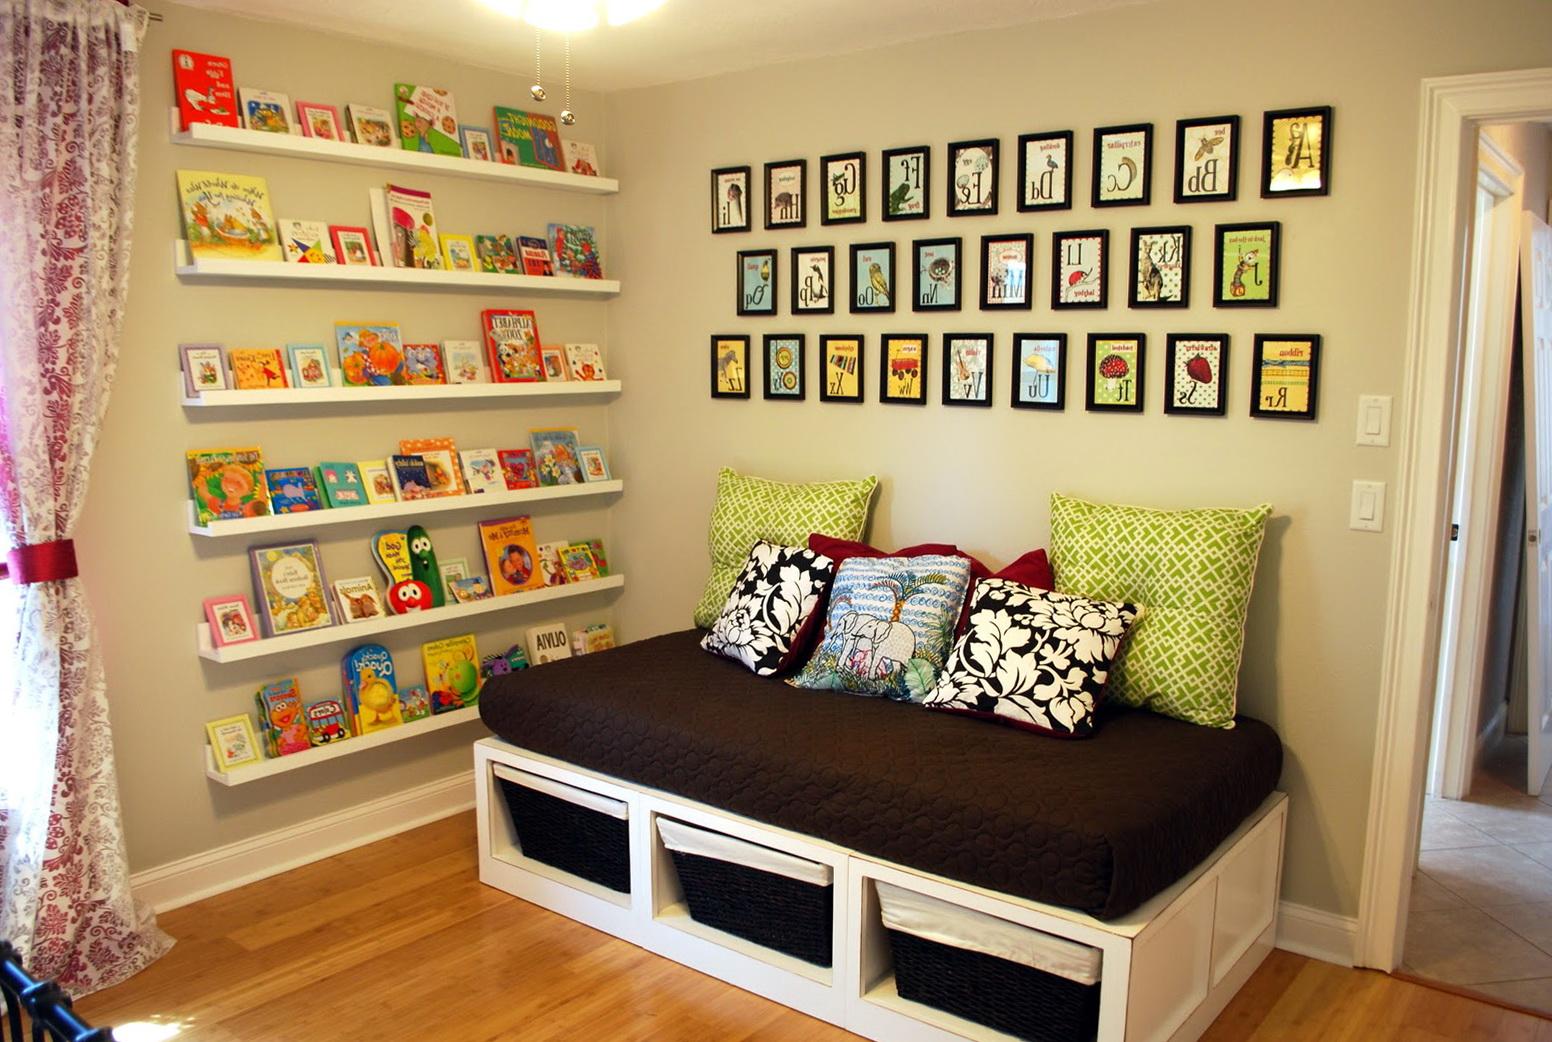 Nursery Wall Mounted Bookshelf